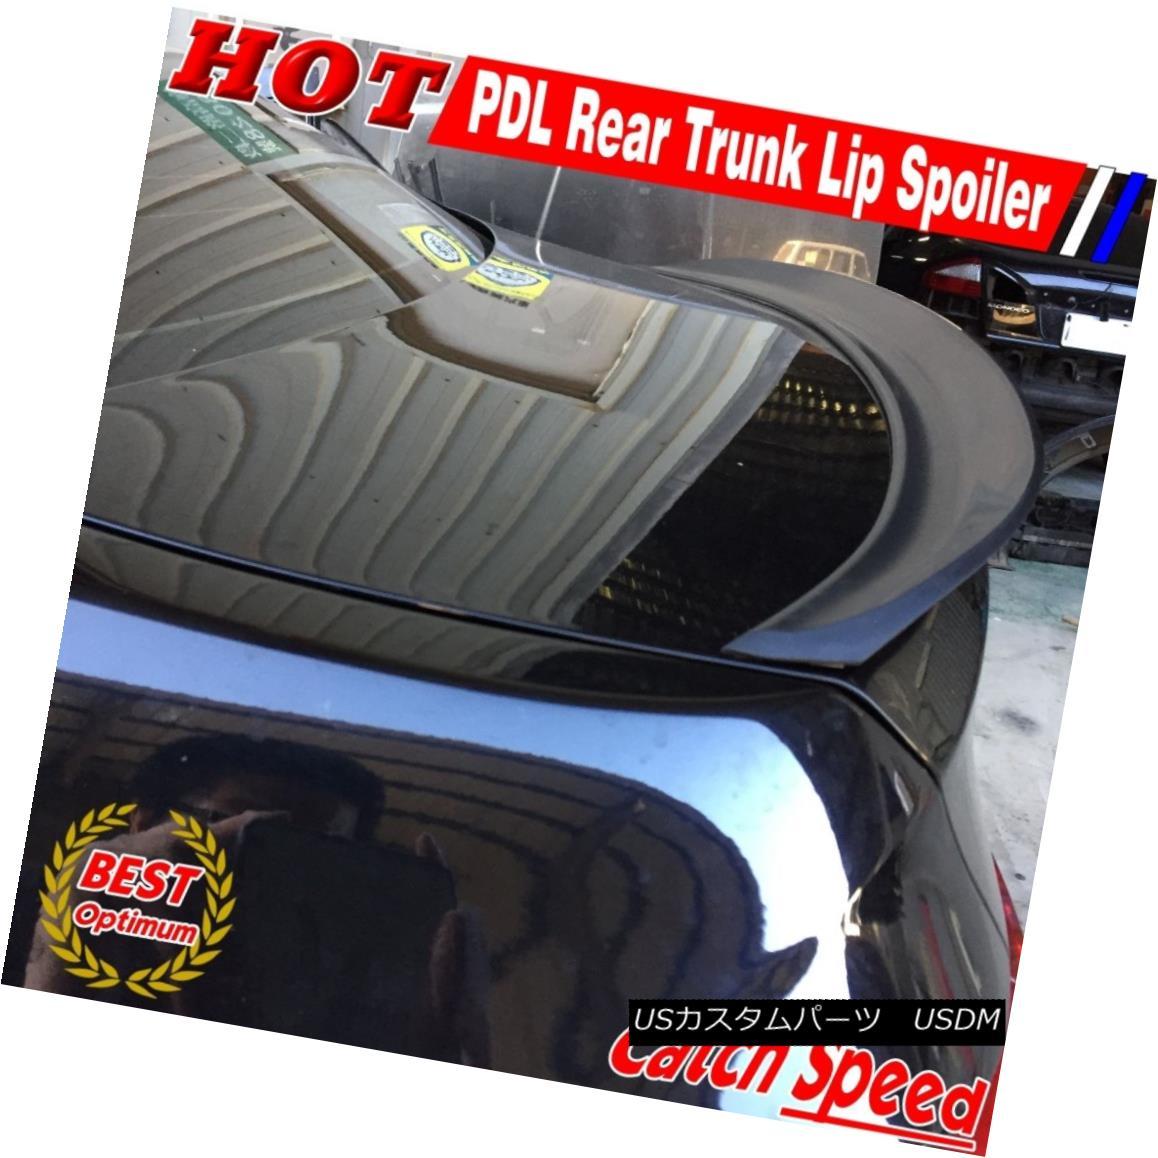 エアロパーツ Flat Black P Type Rear Trunk Spoiler Wing For 7-series BMW G11 G12 Sedan 2016~17 7シリーズBMW G11 G12セダン2016?17用フラットブラックPタイプリアトランク・スポイラー・ウィング